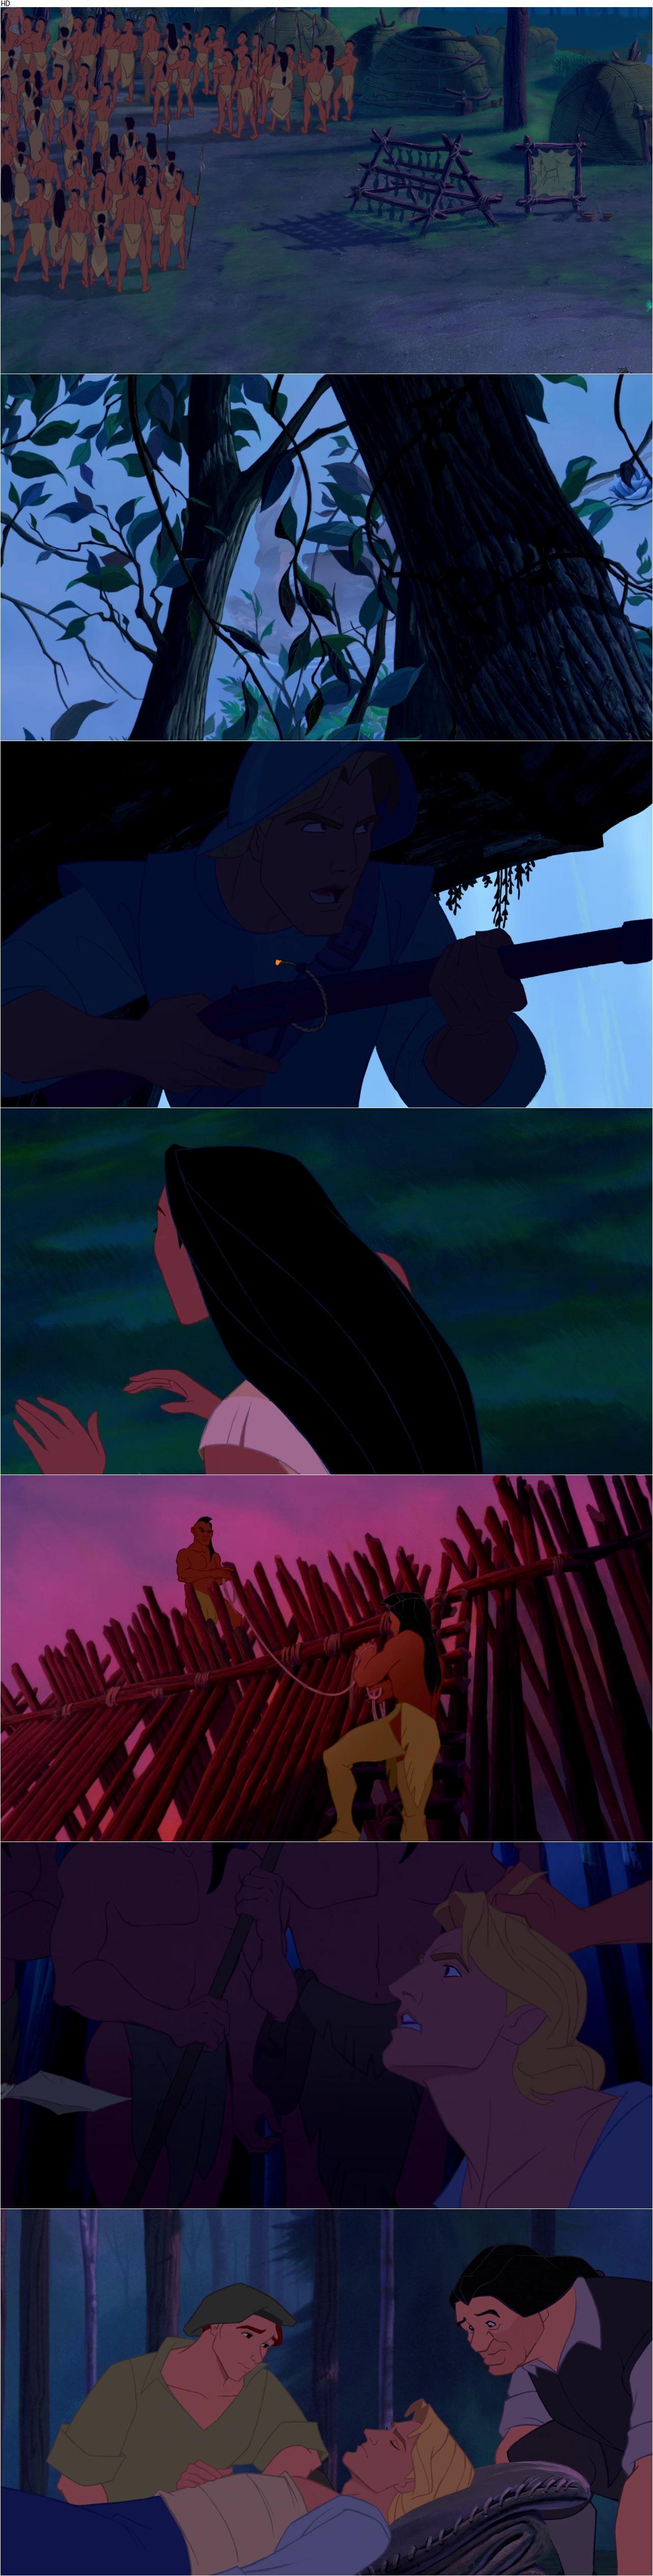 Pocahontas 1995 Avaxhome